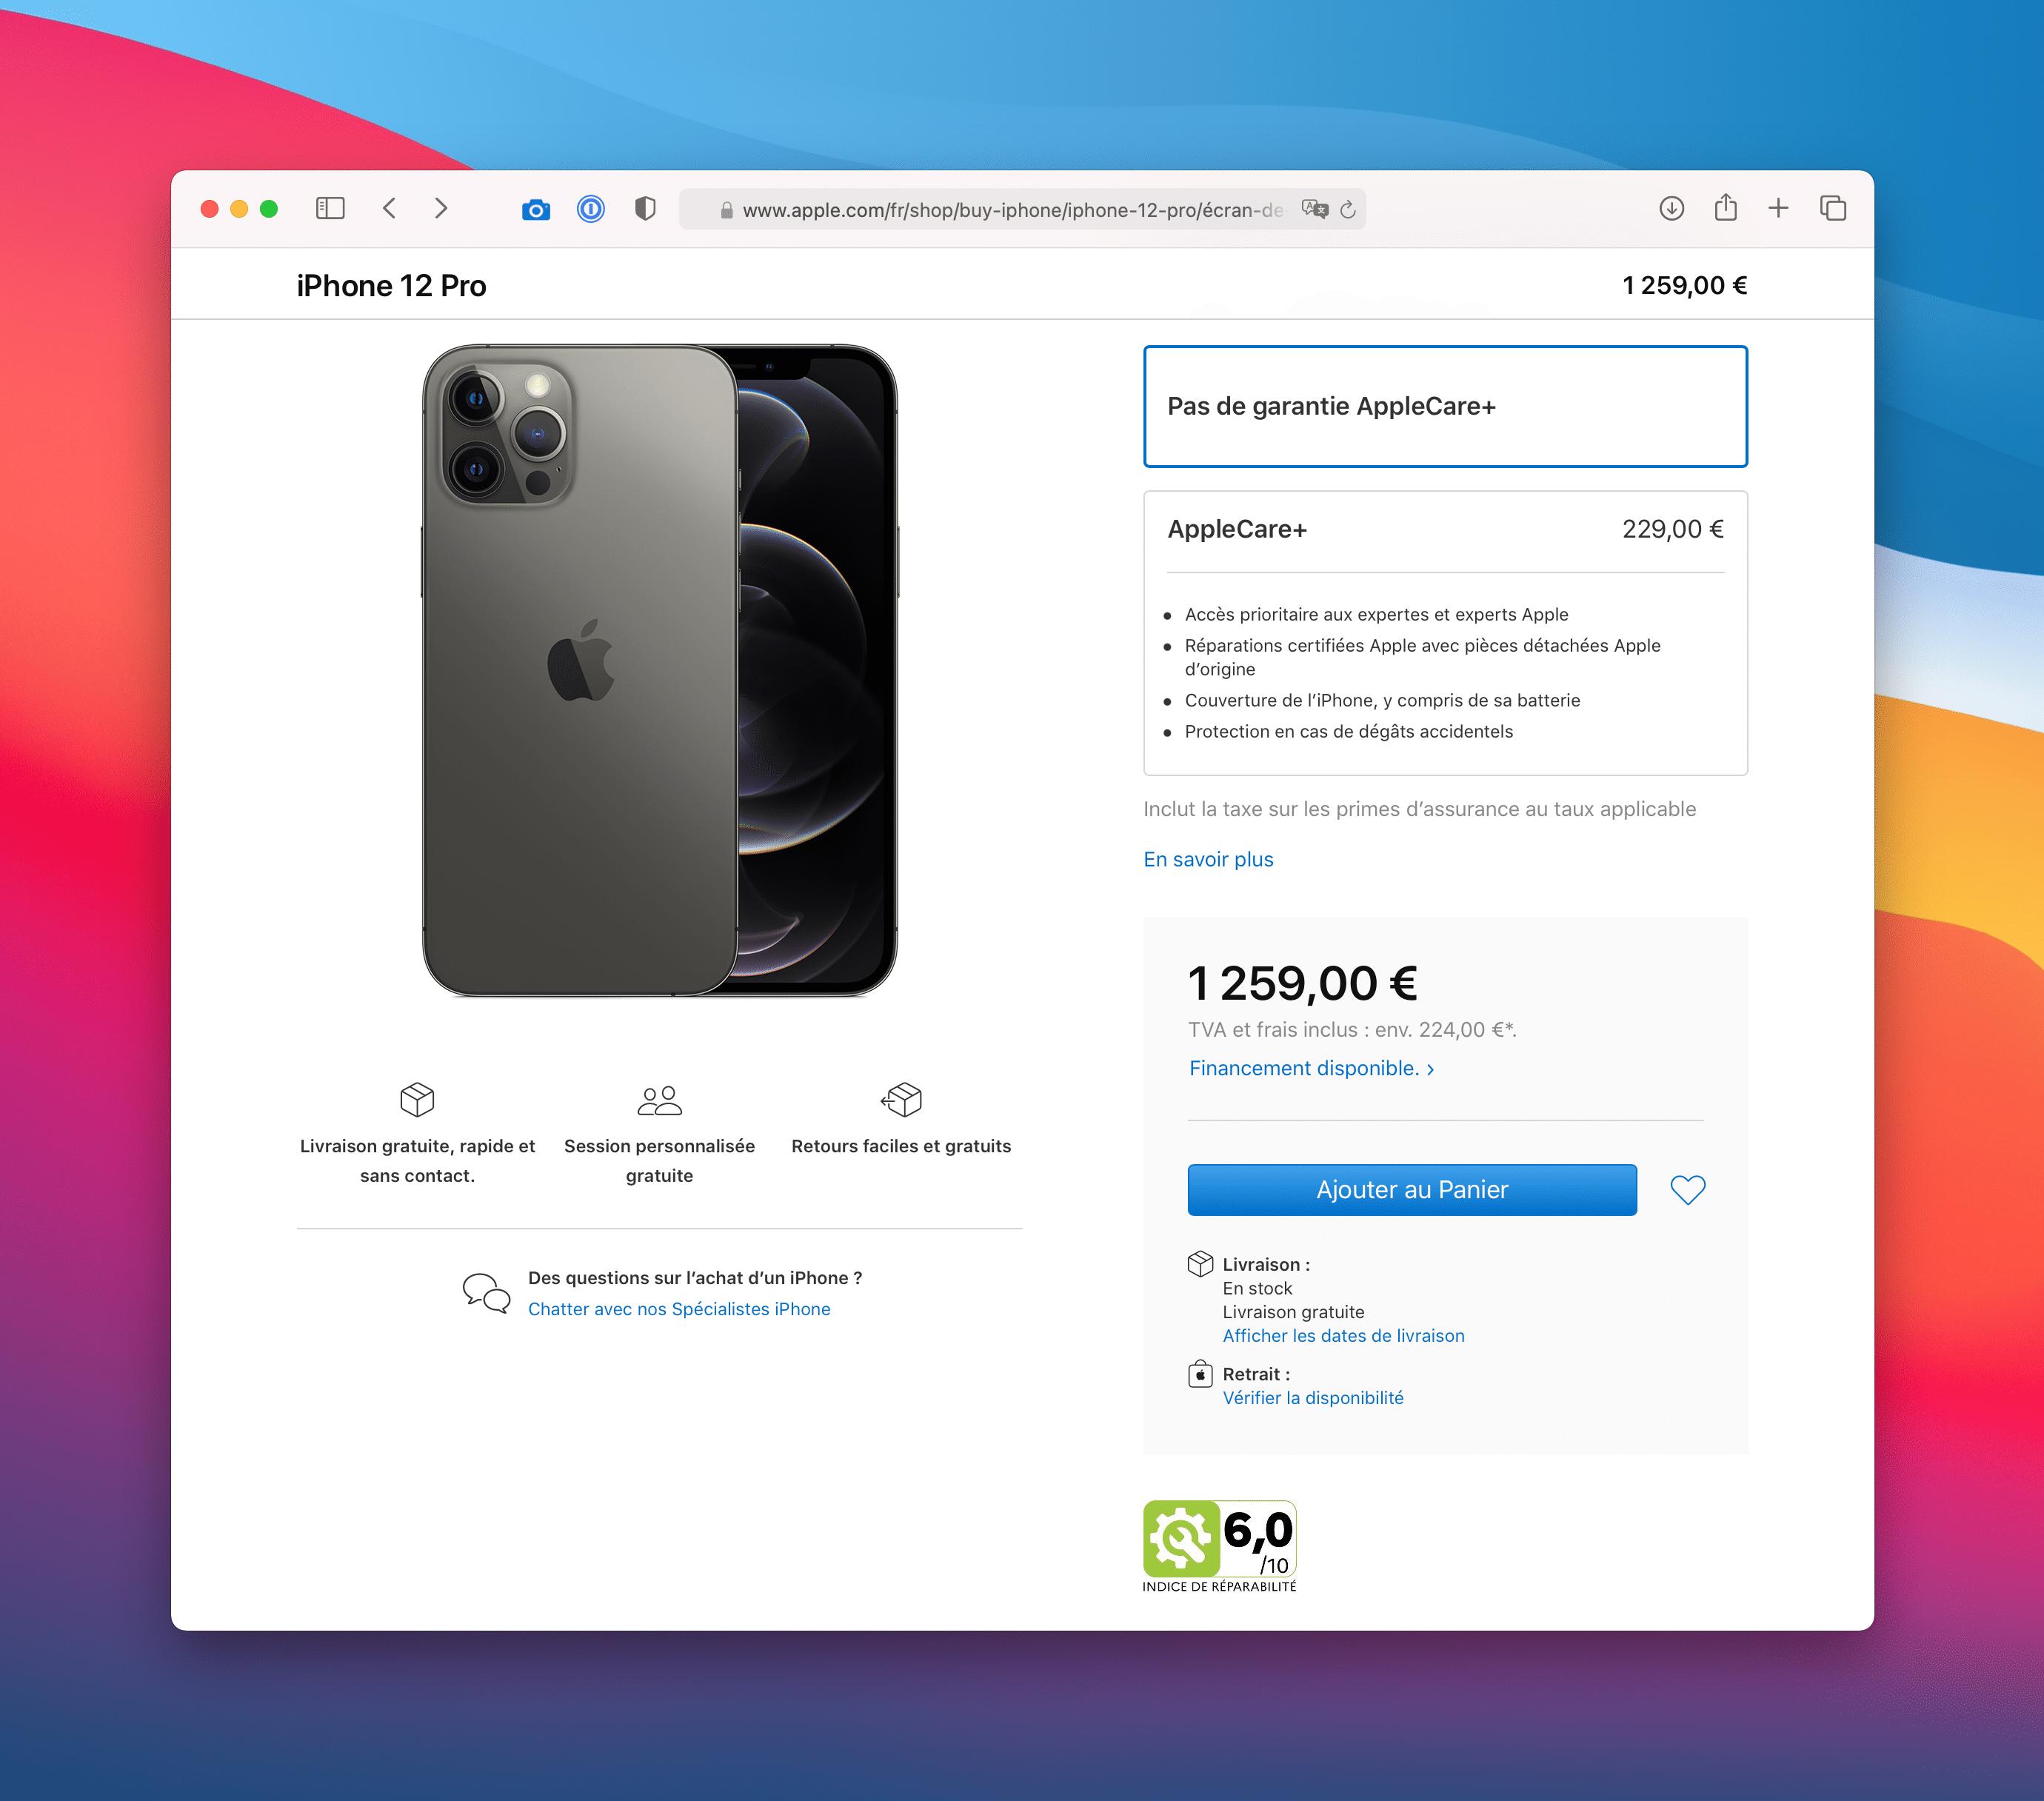 Nota de reparo do iPhone